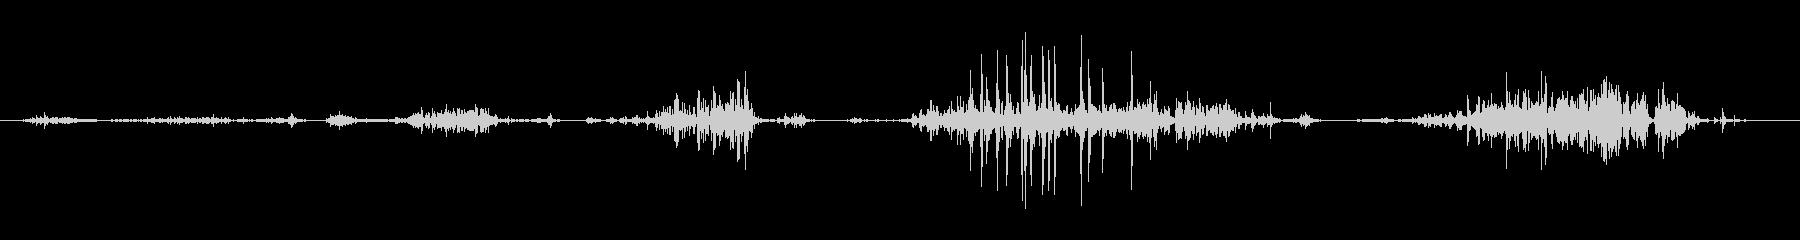 レザーチェア:ディープムーブメント...の未再生の波形